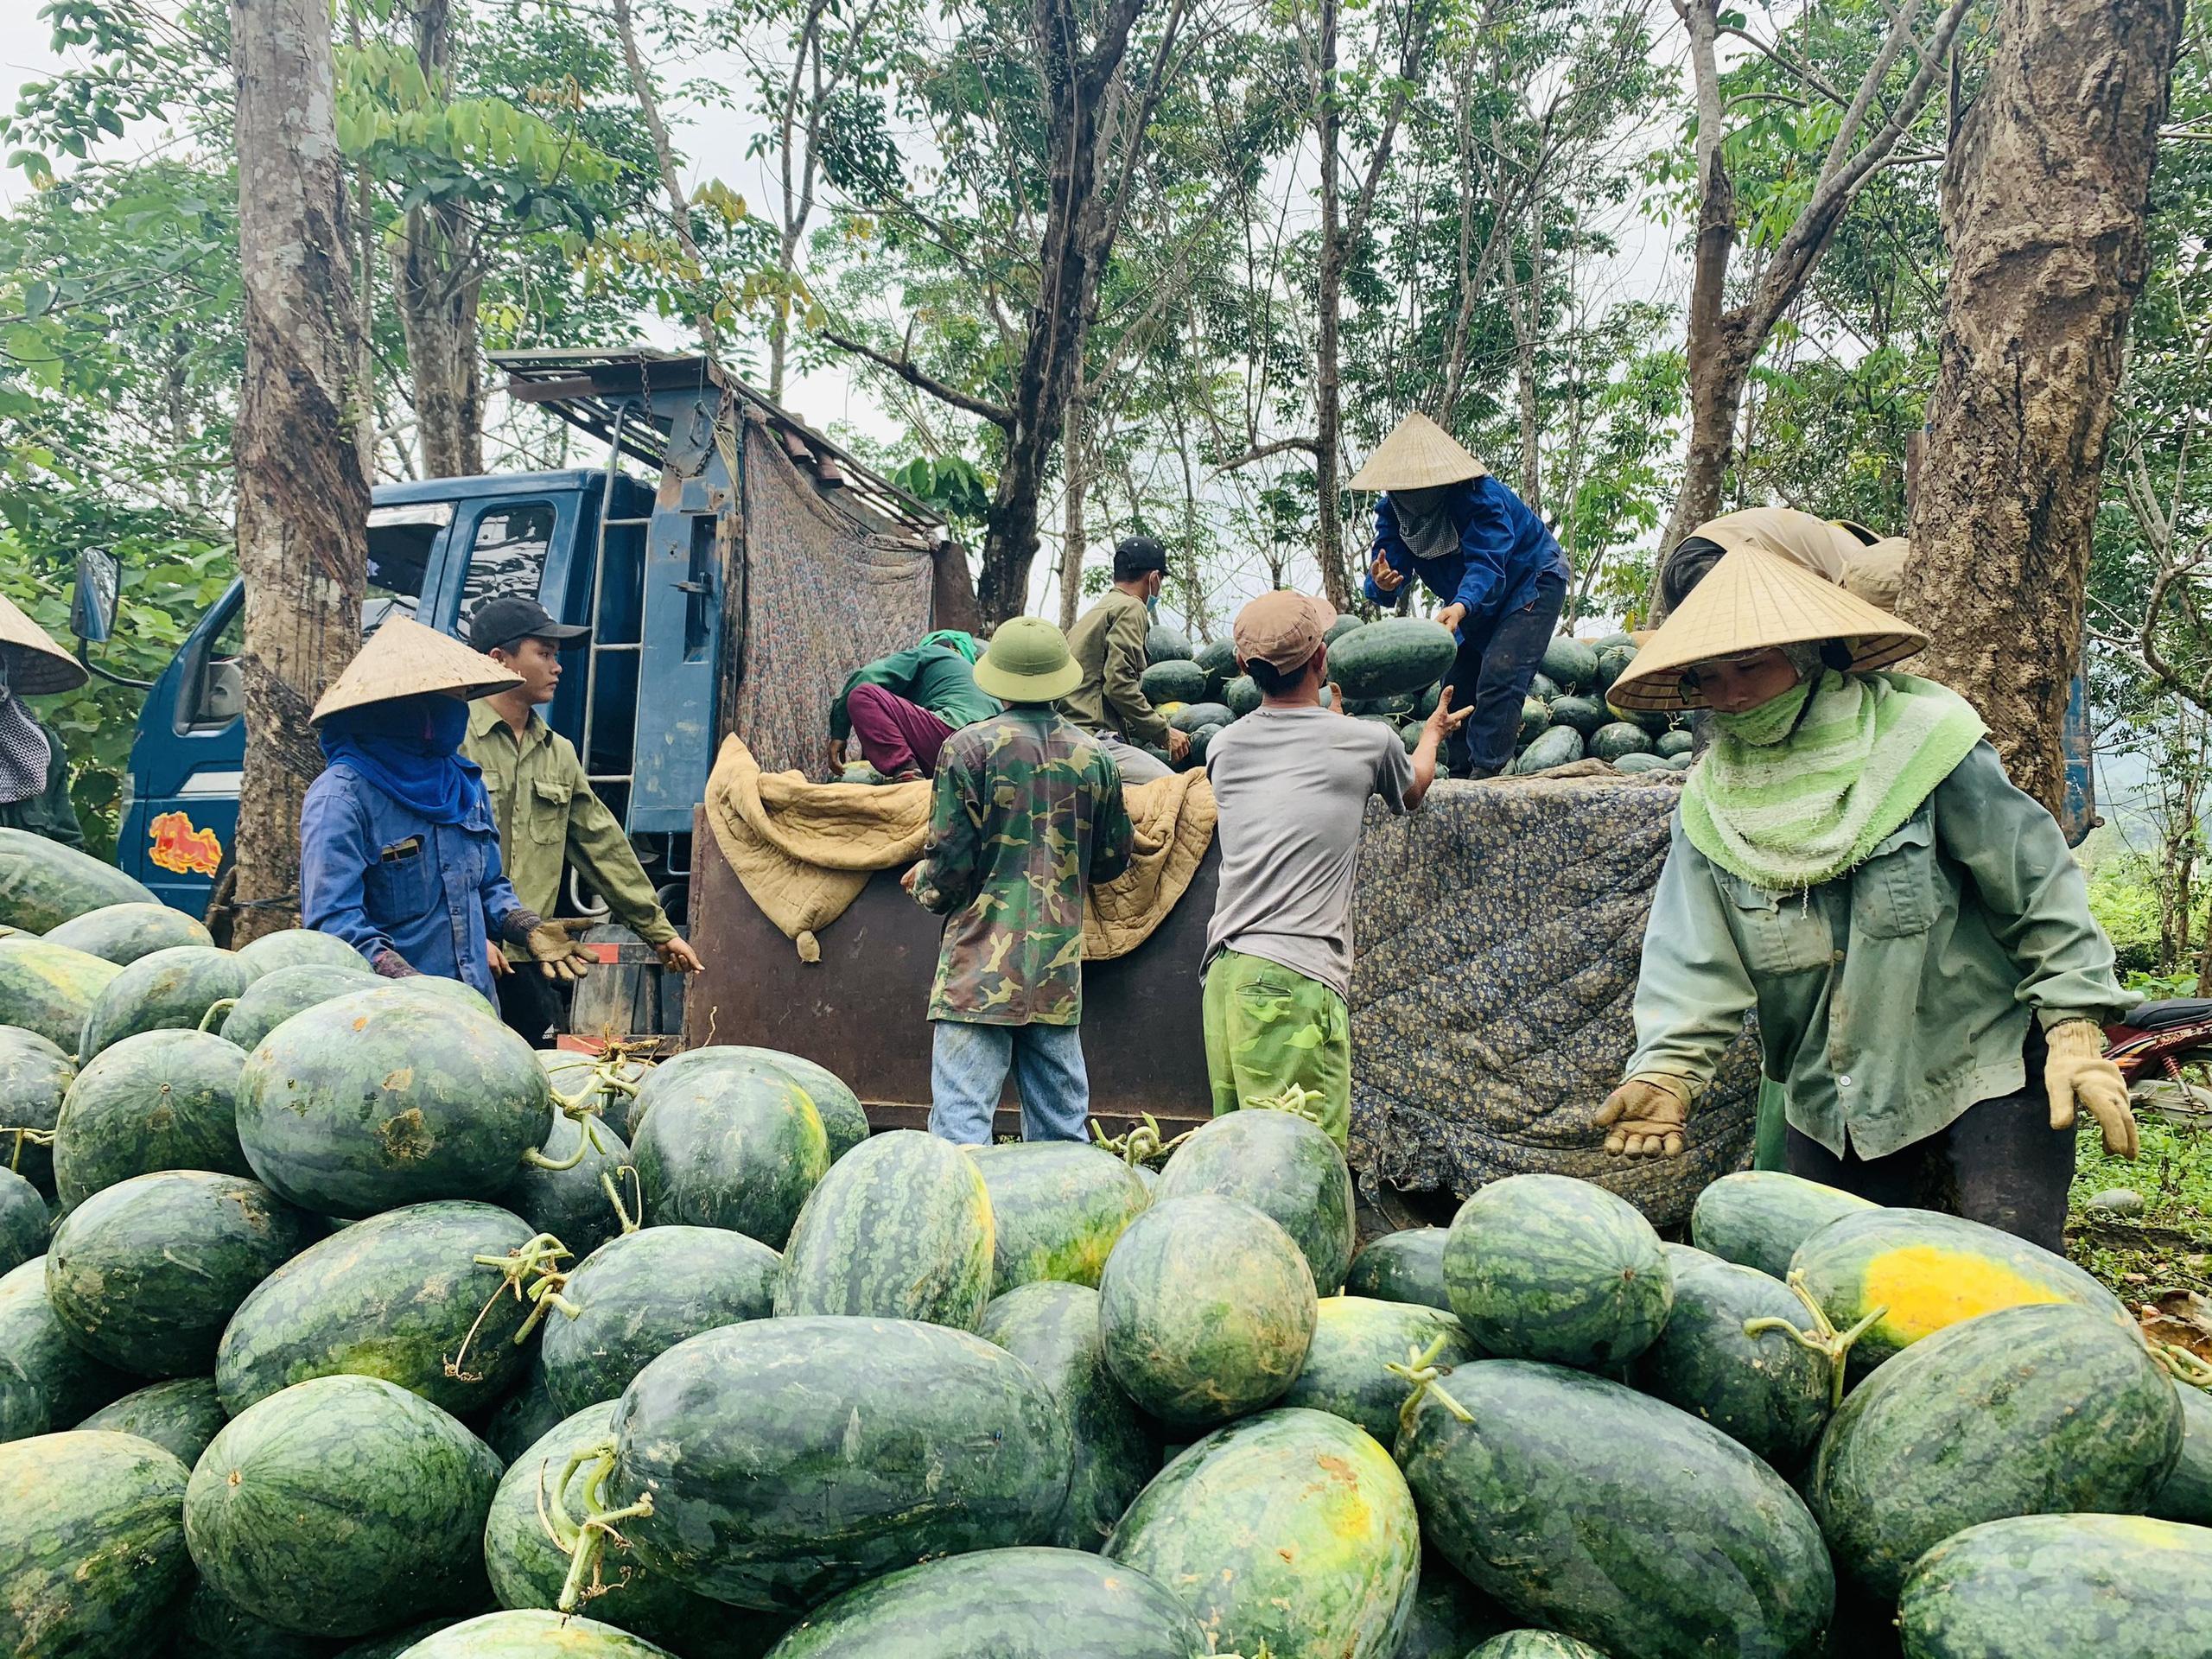 Quảng Bình: Dưa hấu cho quả to, nông dân đánh xe ô tô ra đồng thu hái - Ảnh 7.